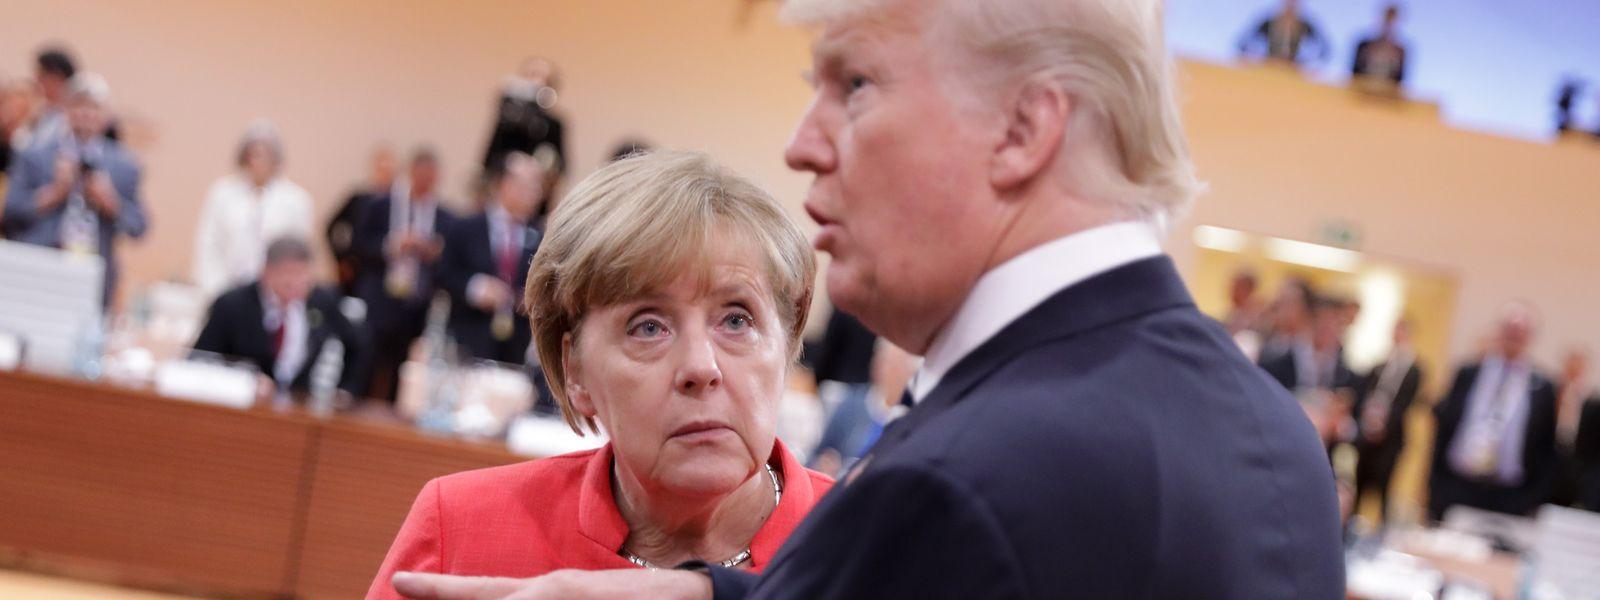 Der Präsident der Vereinigten Staaten von Amerika, Donald Trump, und die deutsche Bundeskanzlerin Angela Merkel bei einer Arbeitssitzung beim G20-Gipfel 2017 in Hamburg.